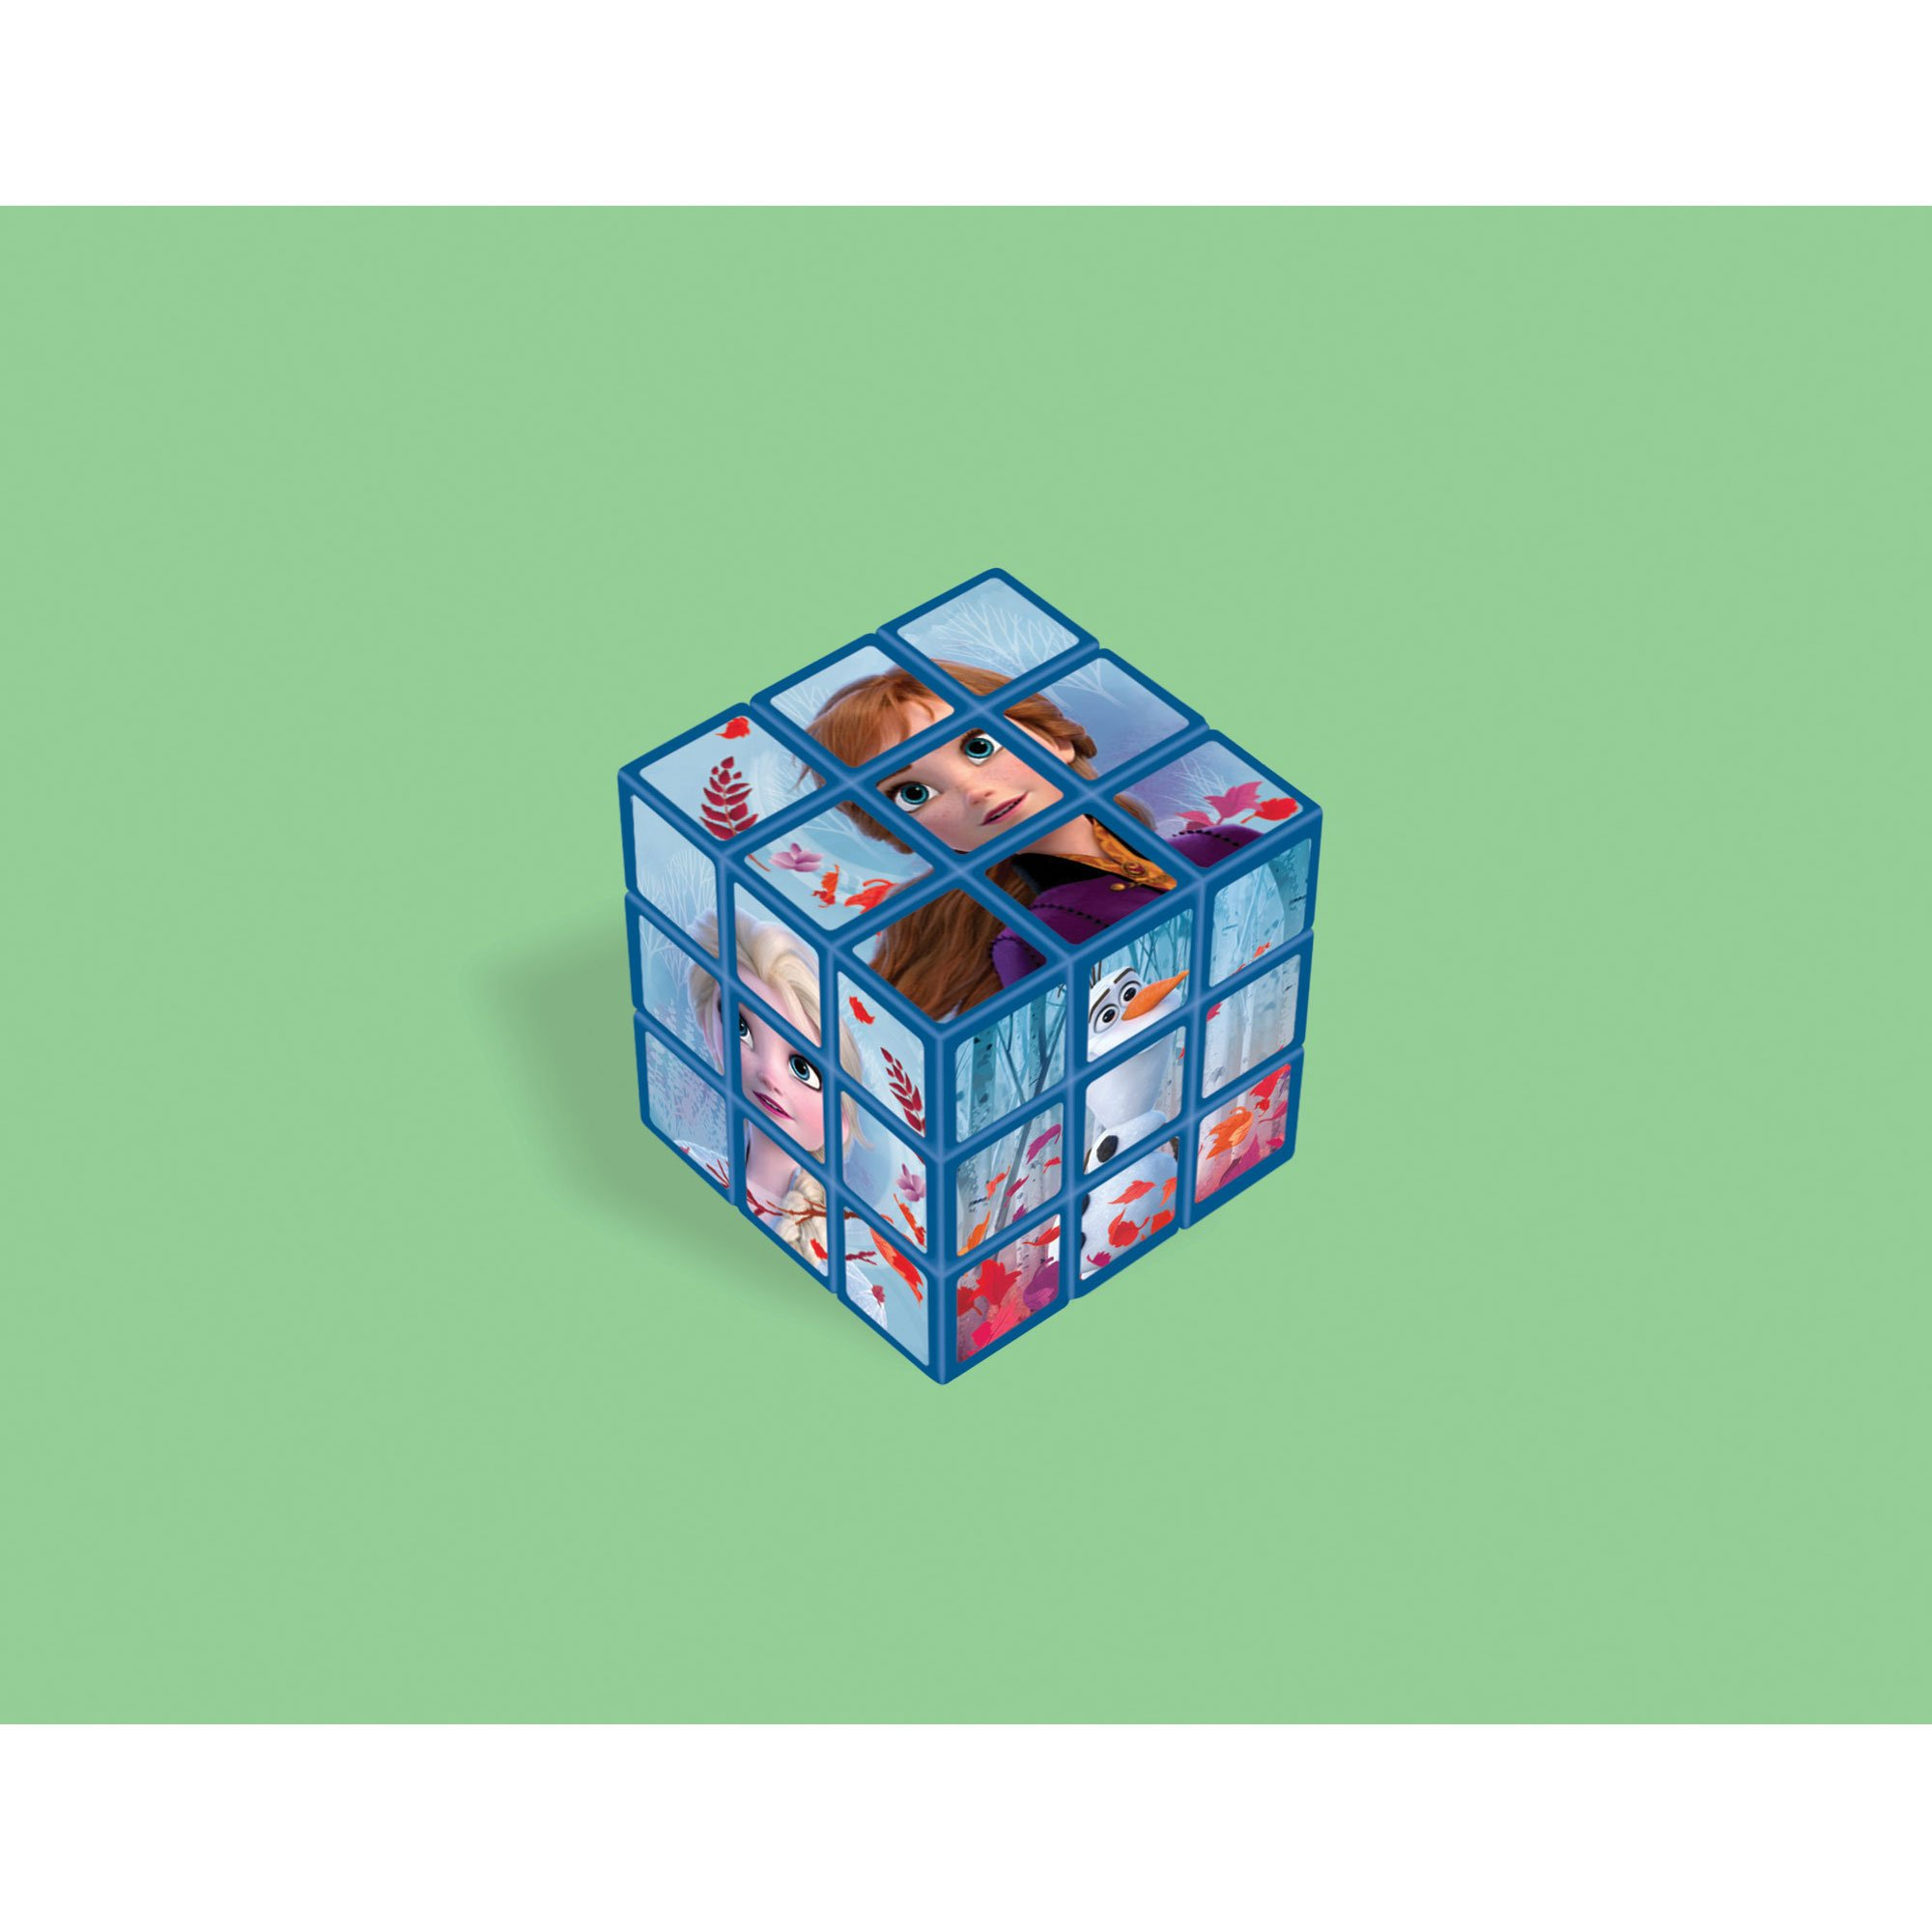 Frozen 2 Mini Puzzle Cube Favor